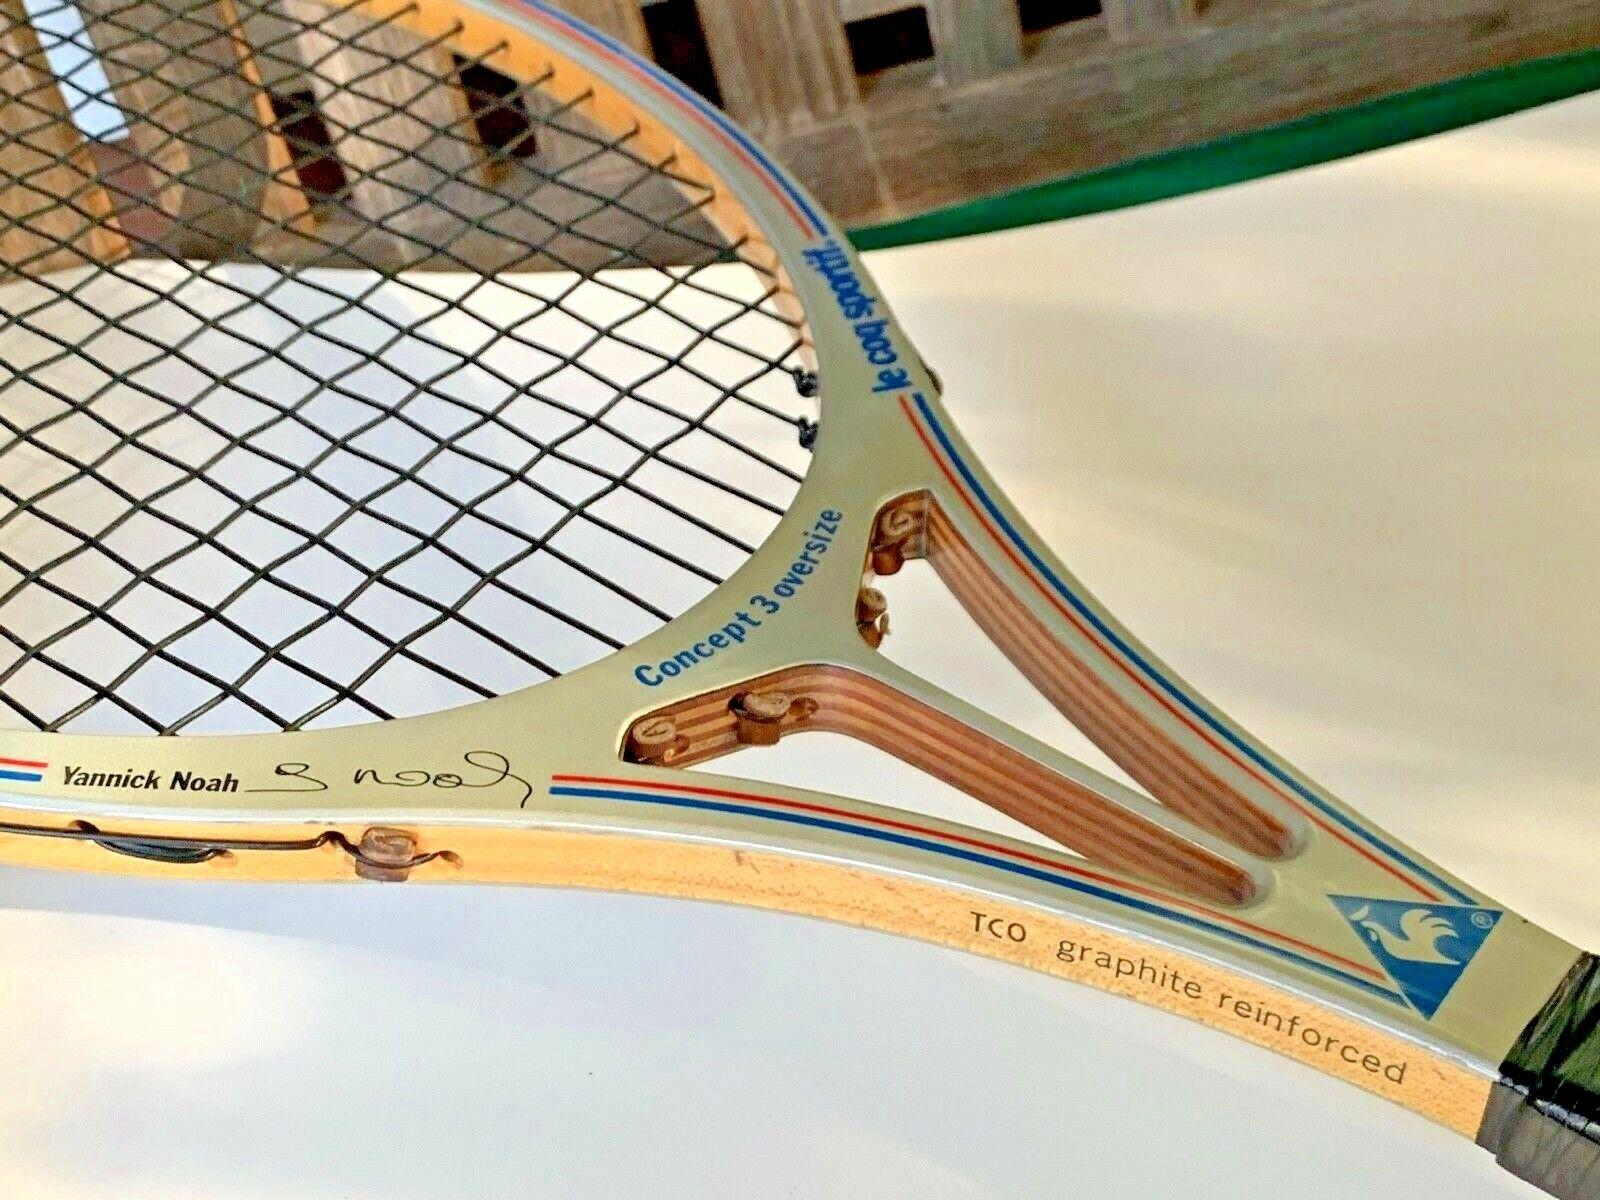 Vtg le coq sportif Yannick Noah Concept 3 overGröße split wood tennis racquet TCO